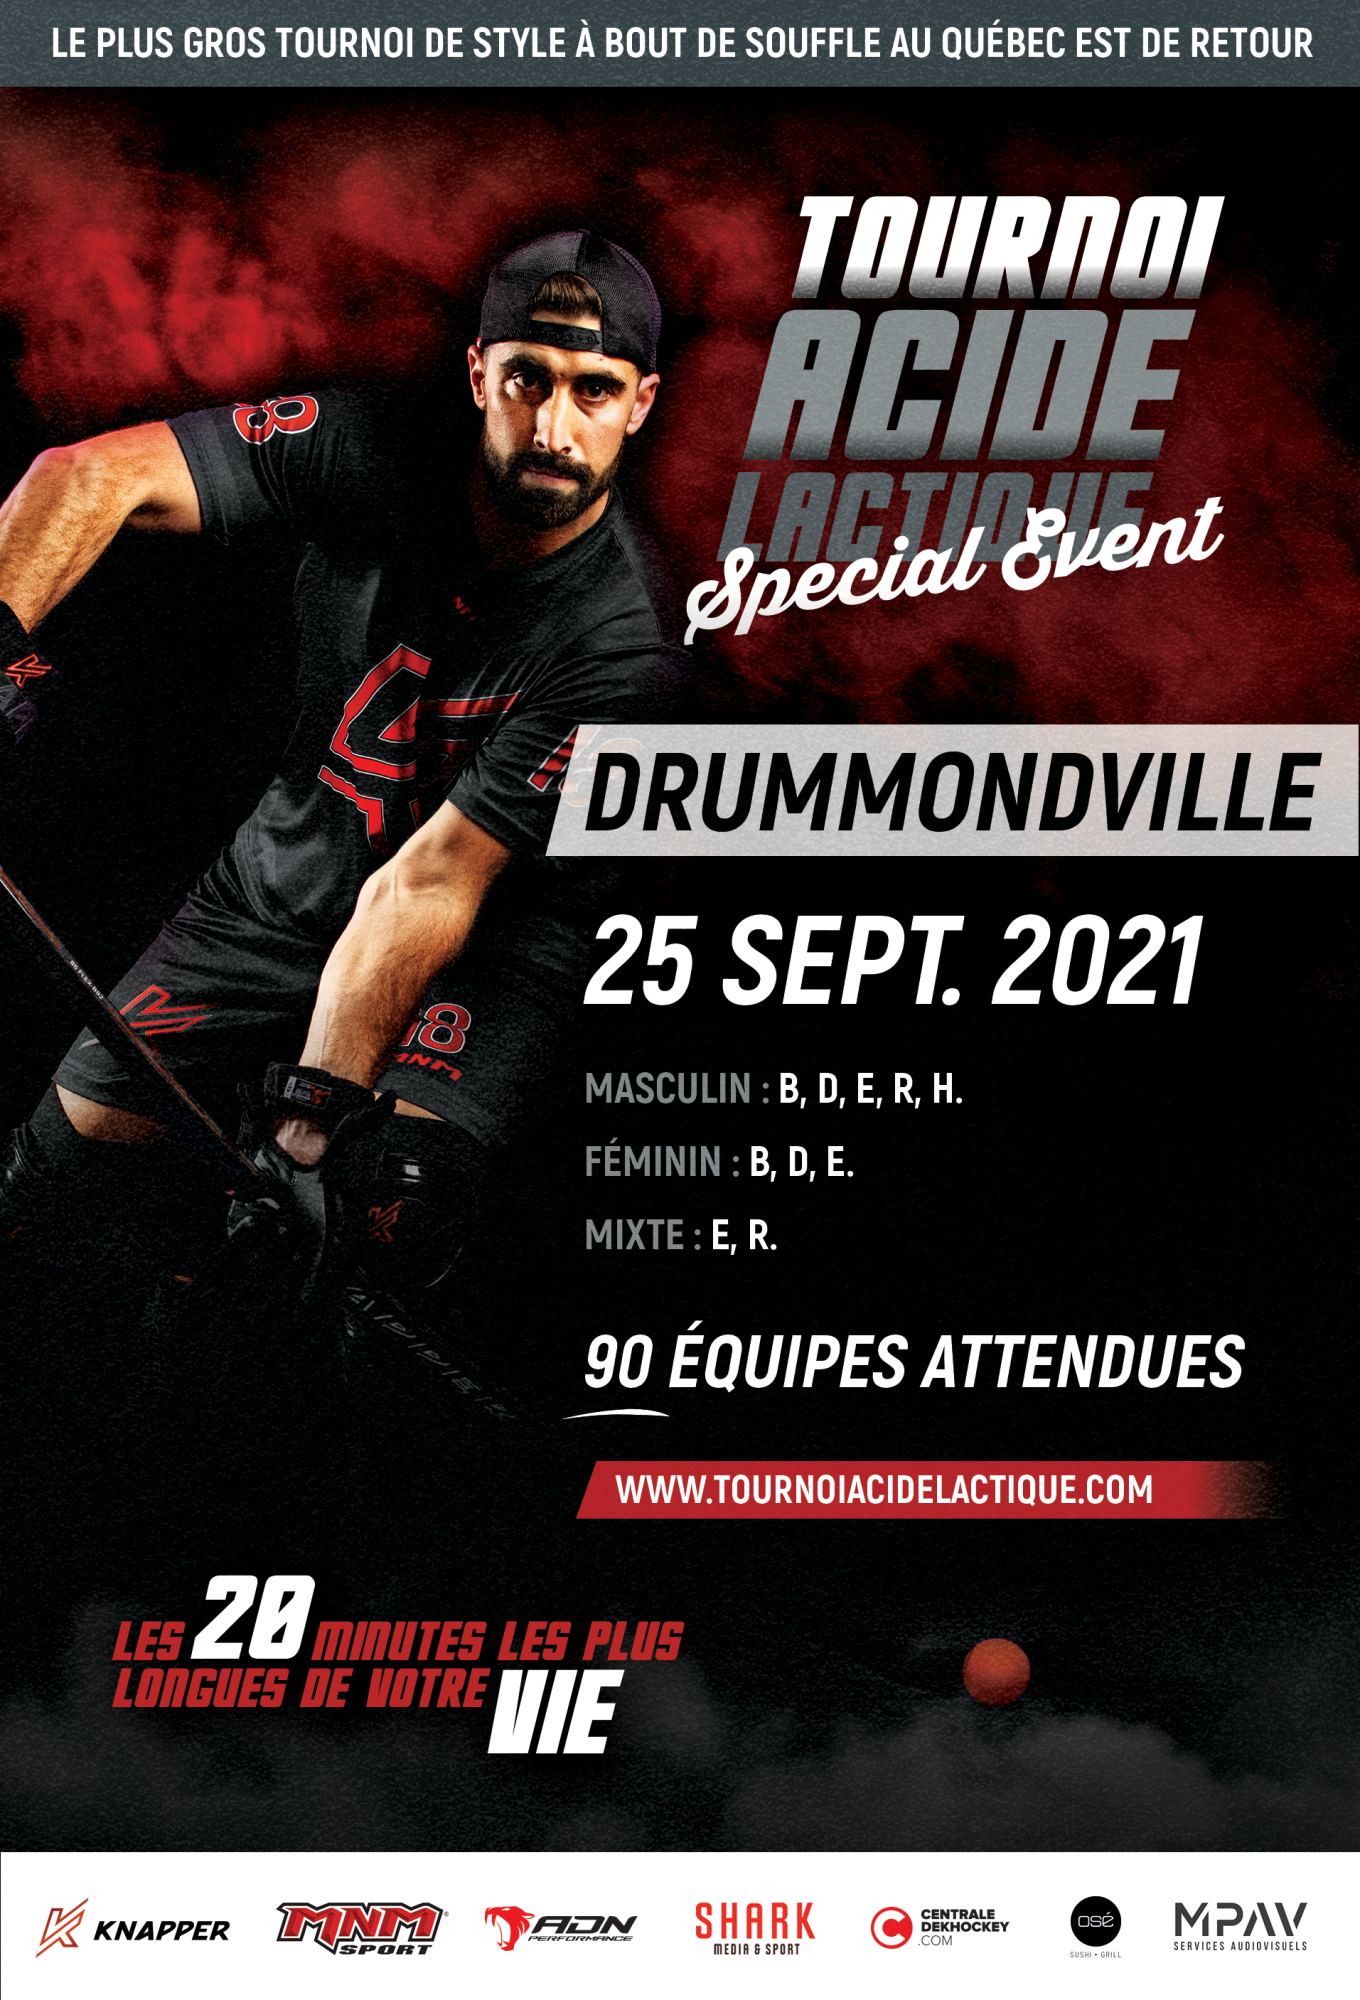 Tournoi Acide Lactique - Special Event Drummondville